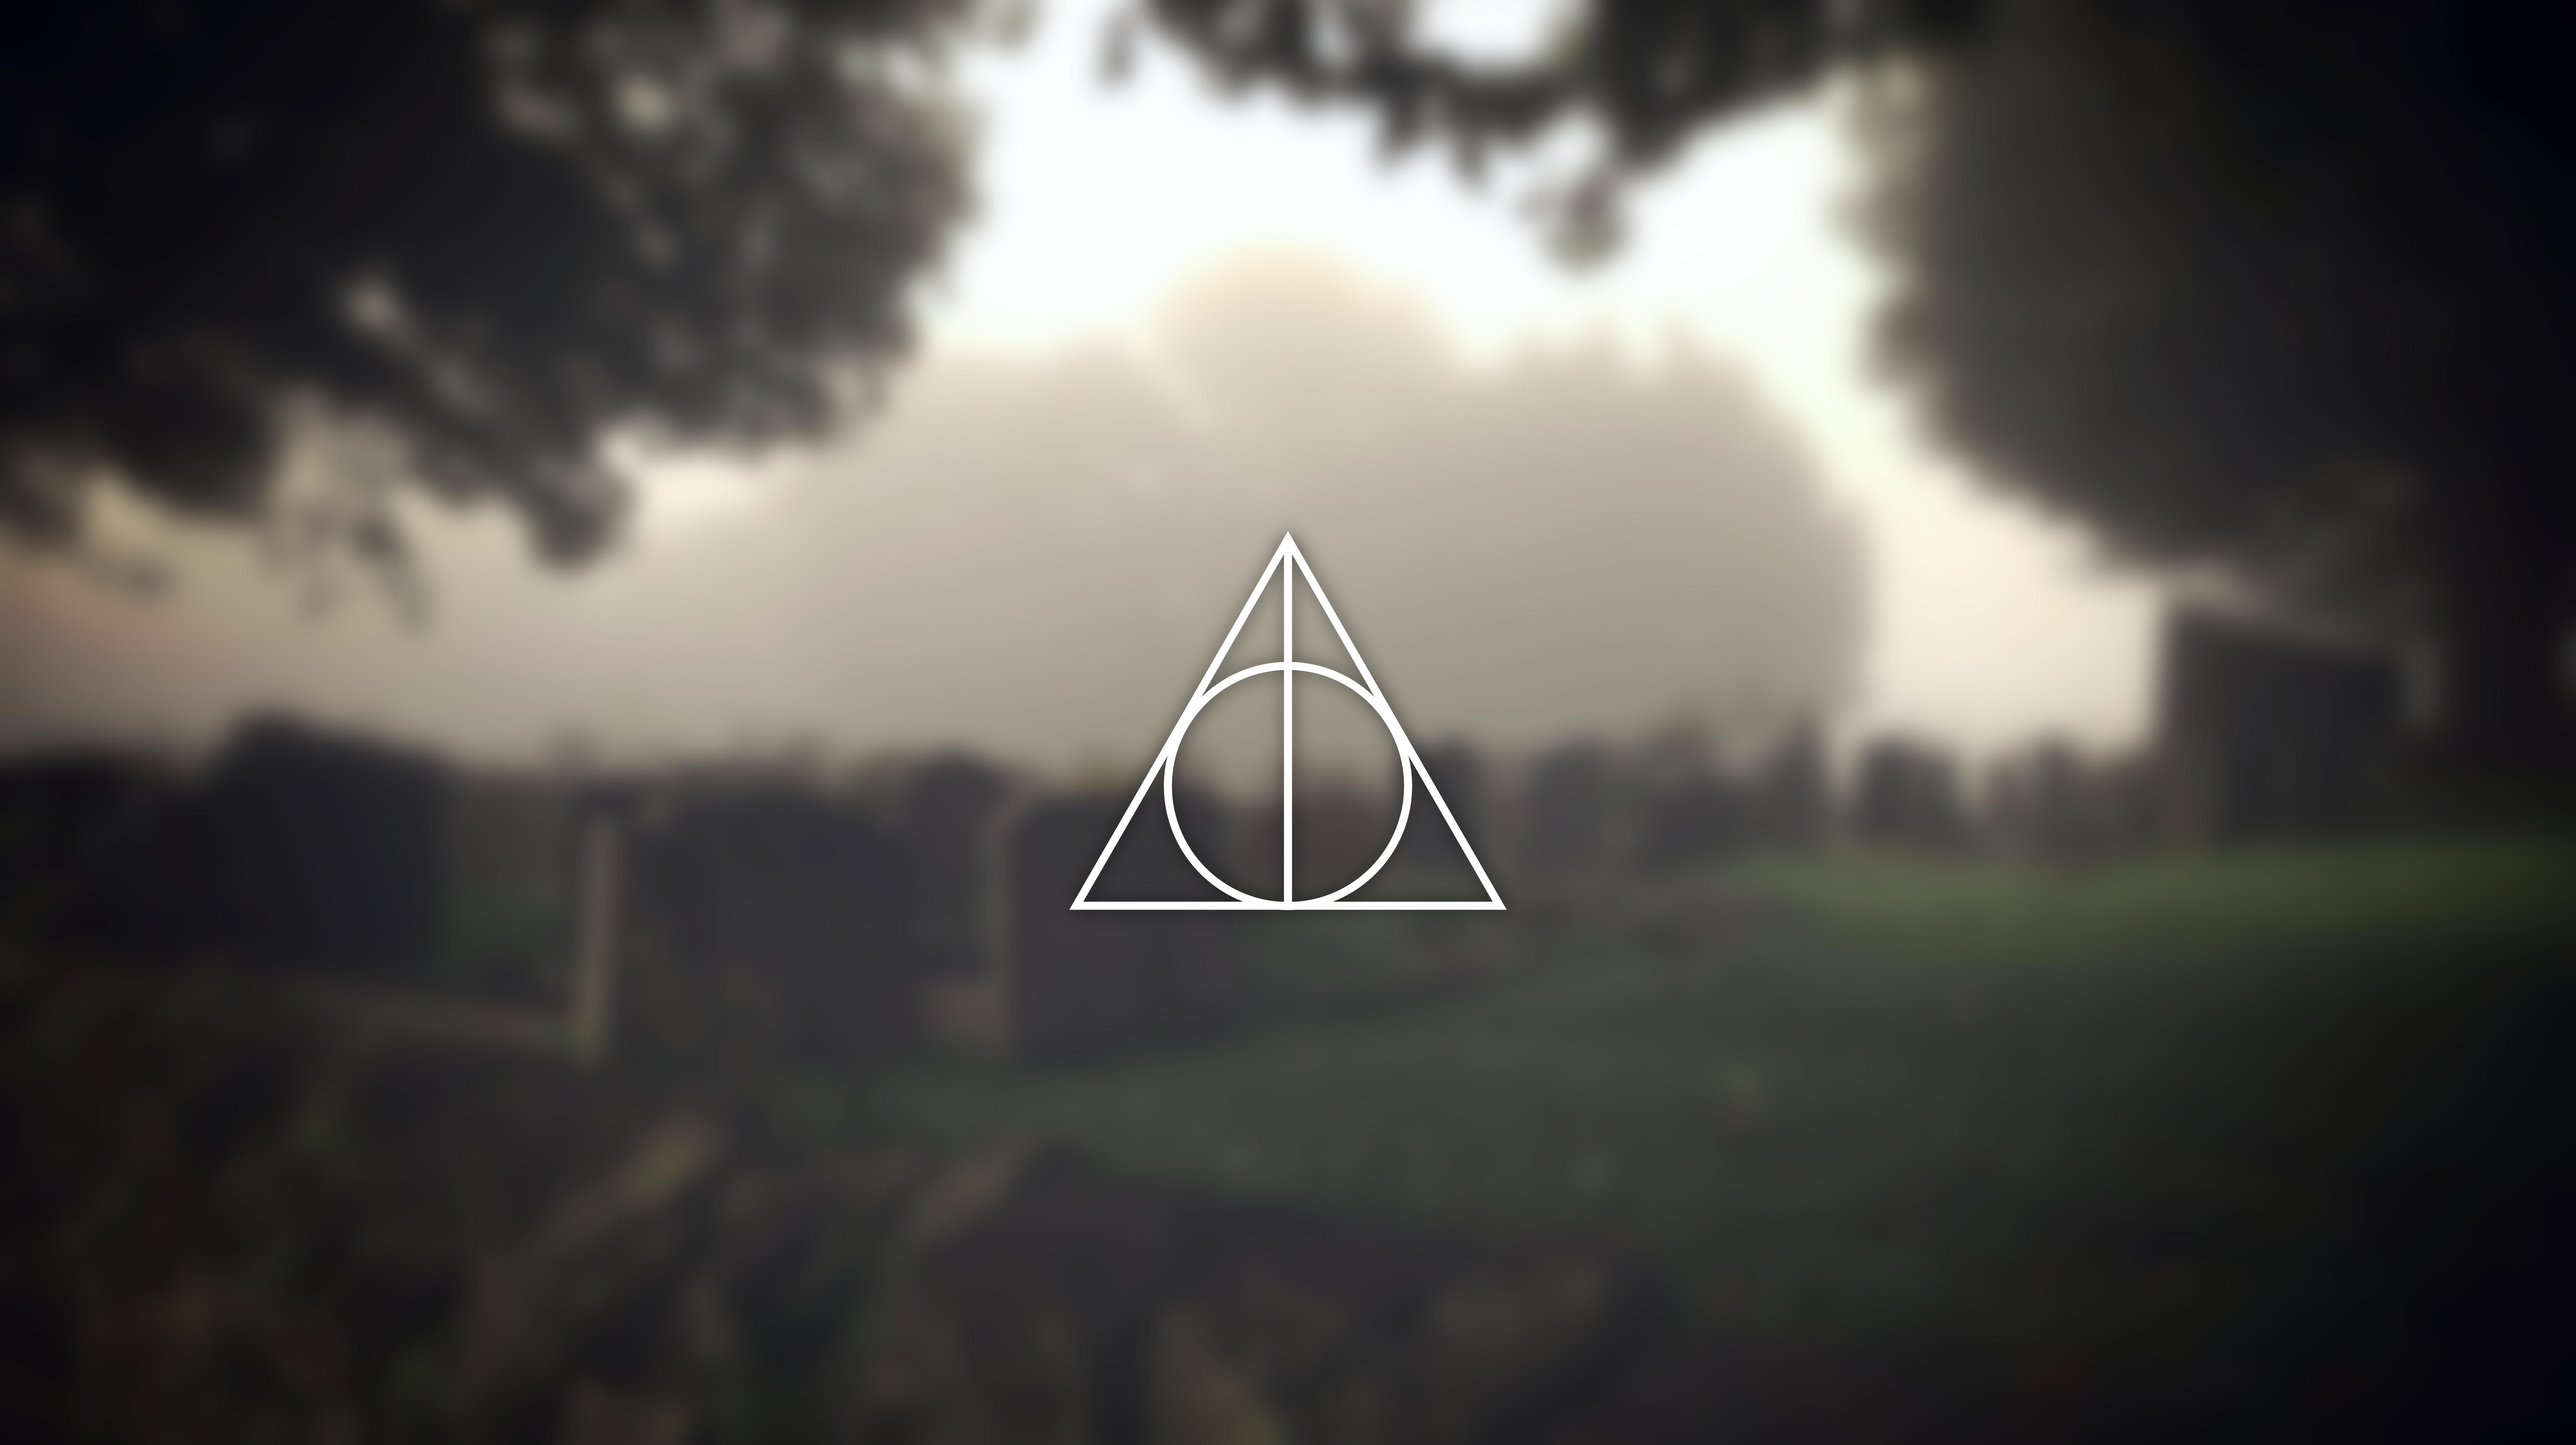 Deathly Hallows by KNIGHTxMAC on DeviantArt